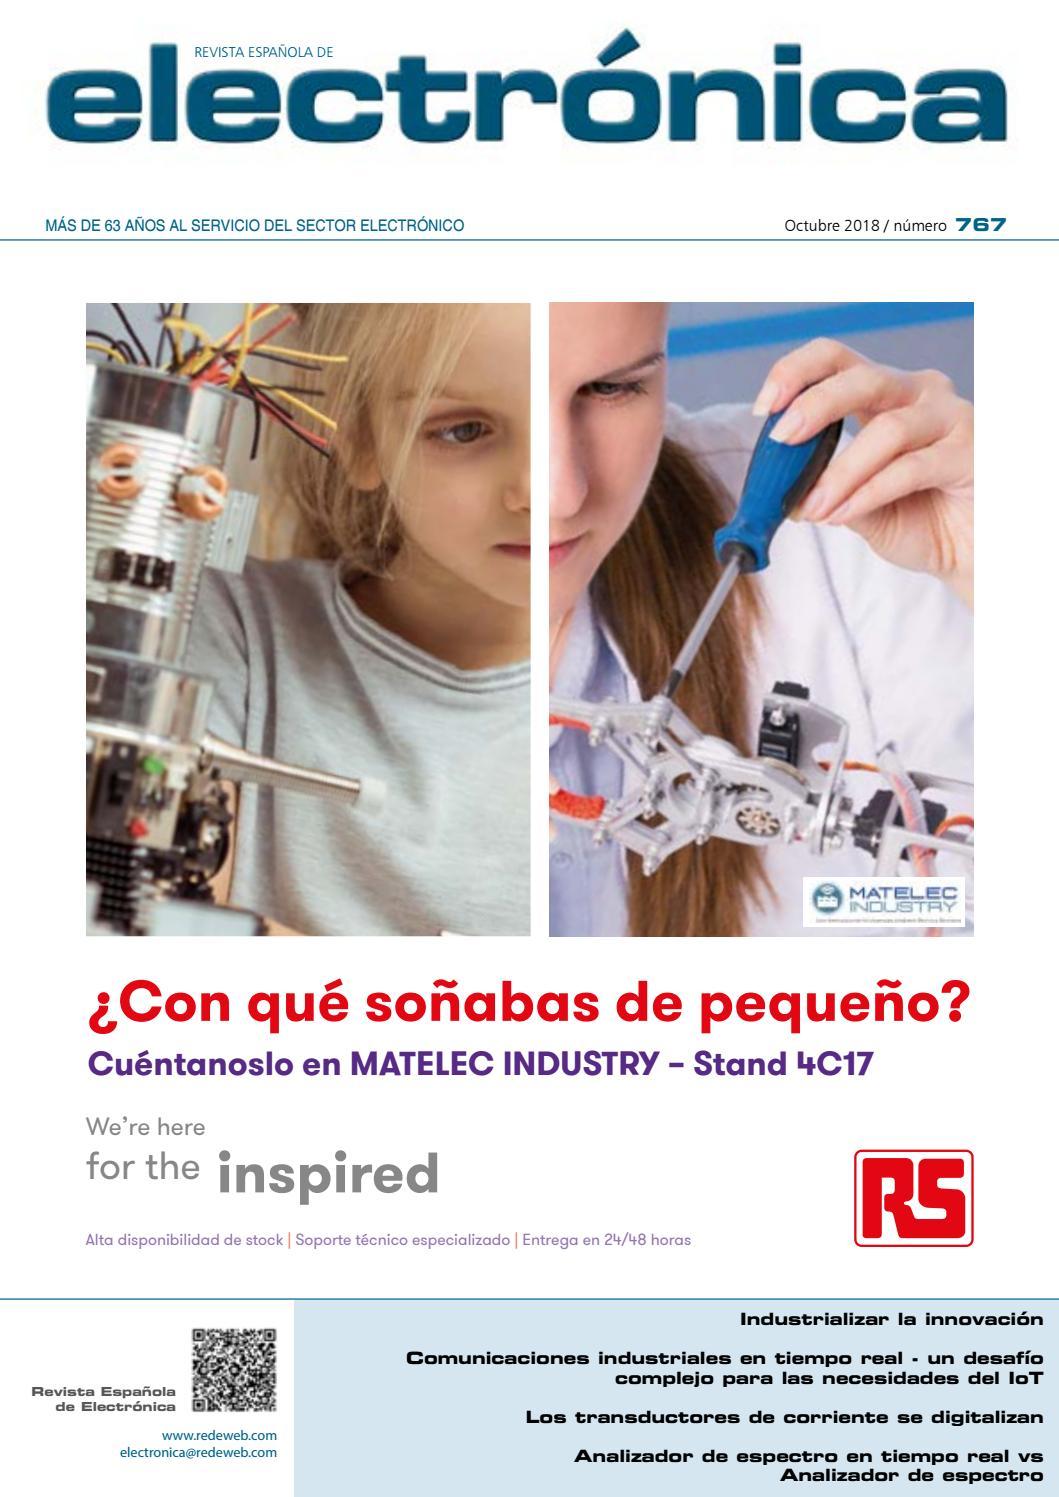 73e23e16c4 Revista Española de Electrónica - Noviembre 2018 by Monolitic - issuu